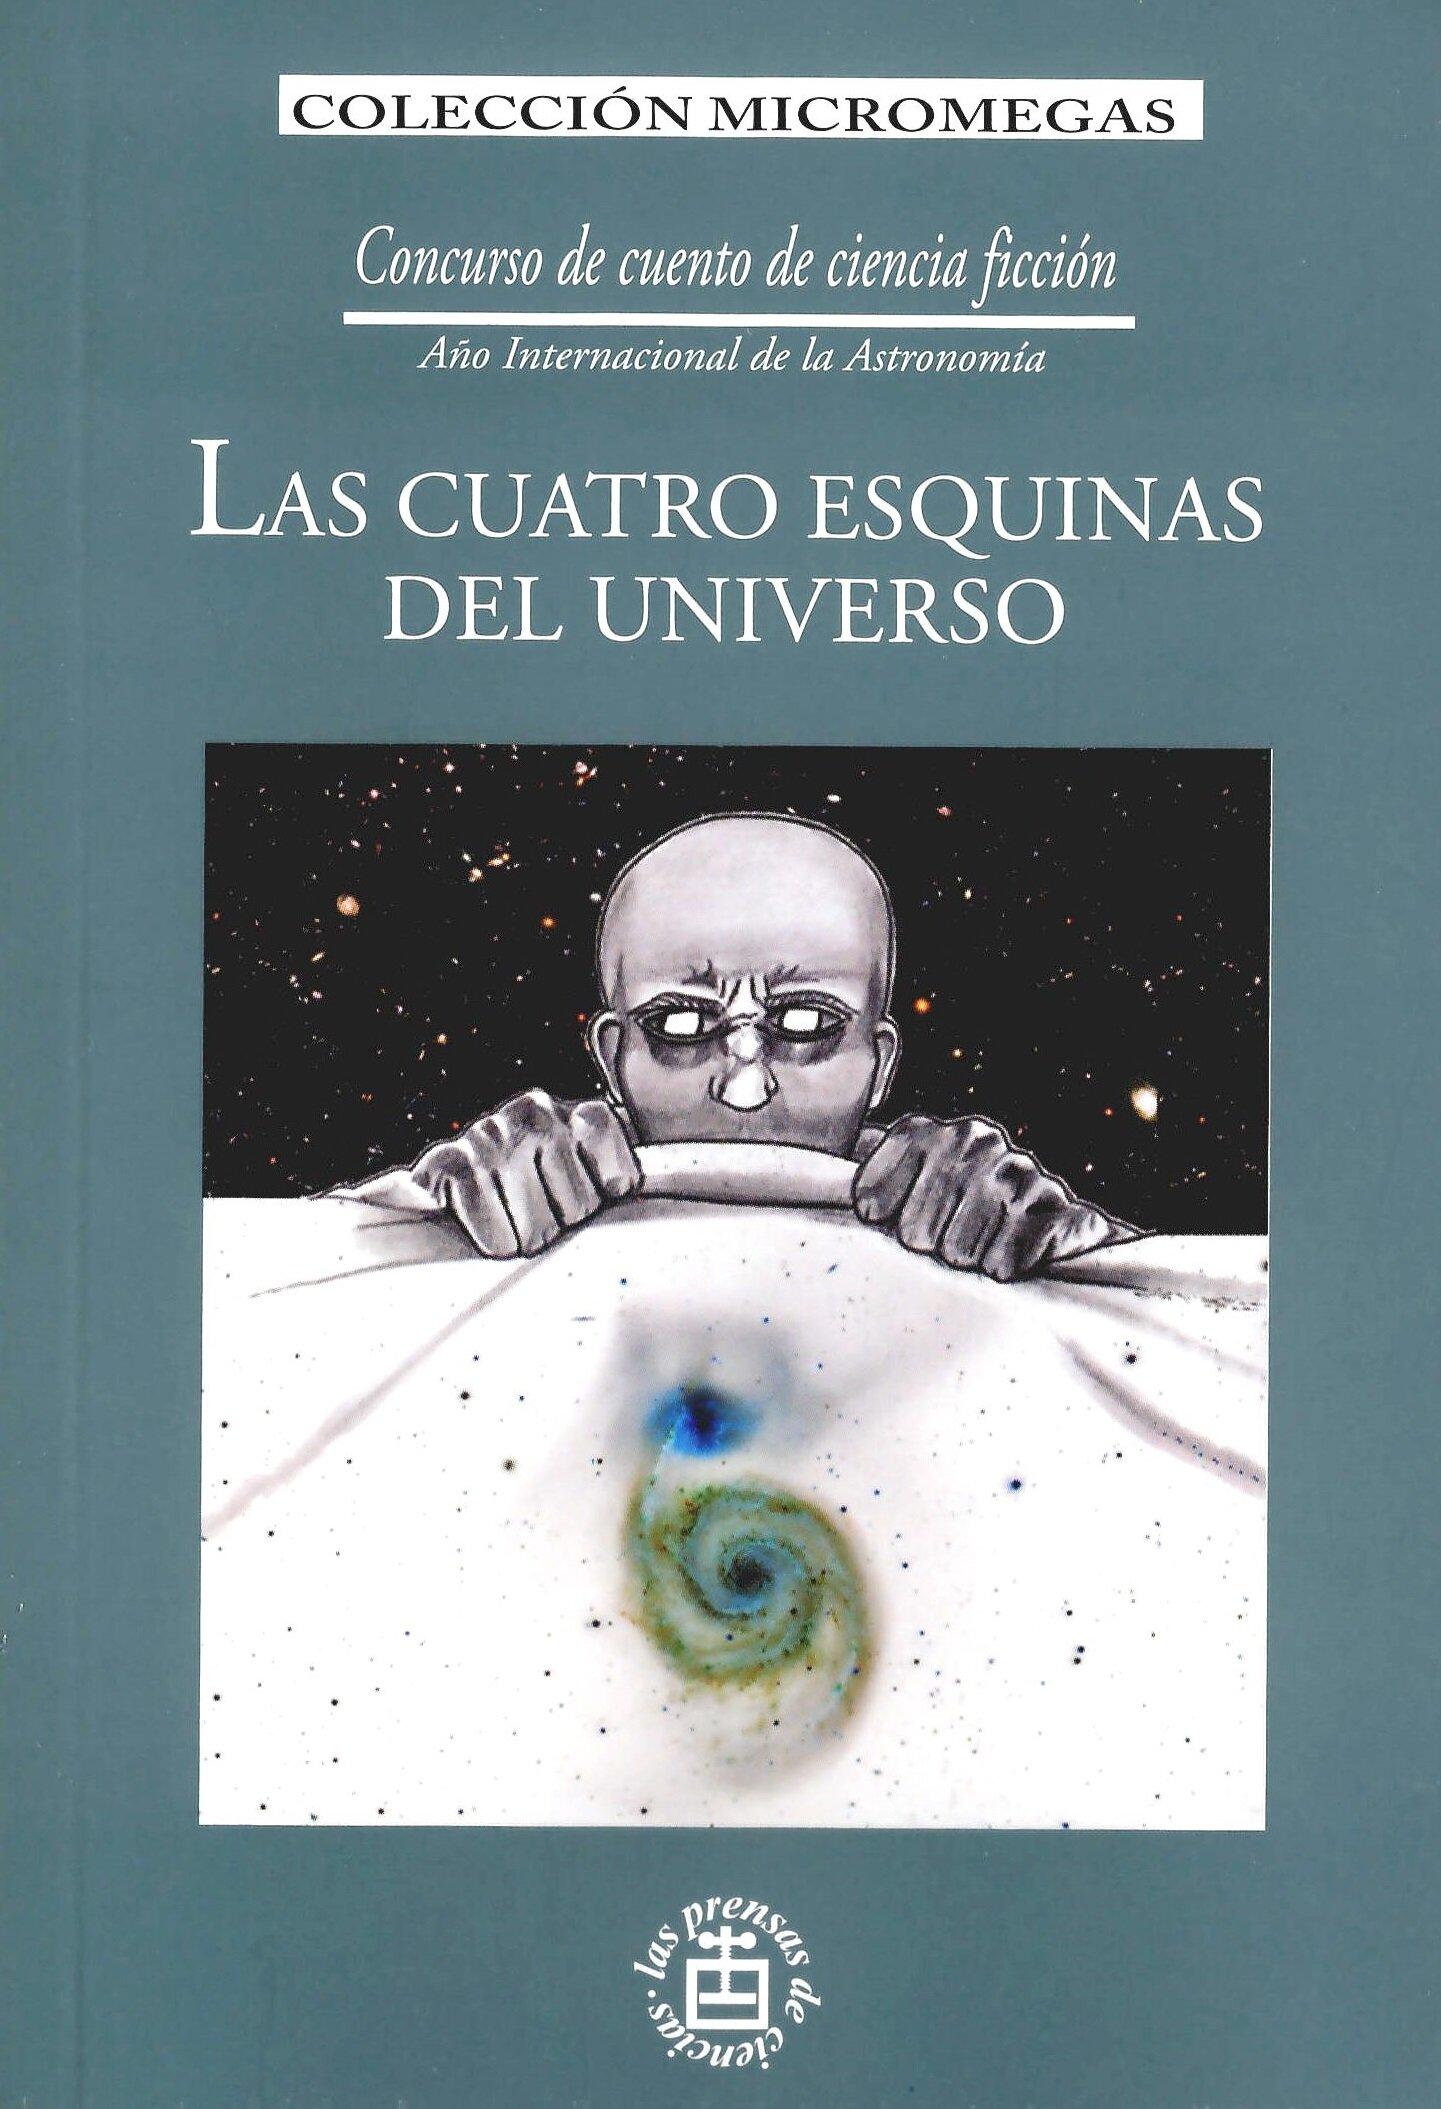 Las cuatro esquinas del universo.